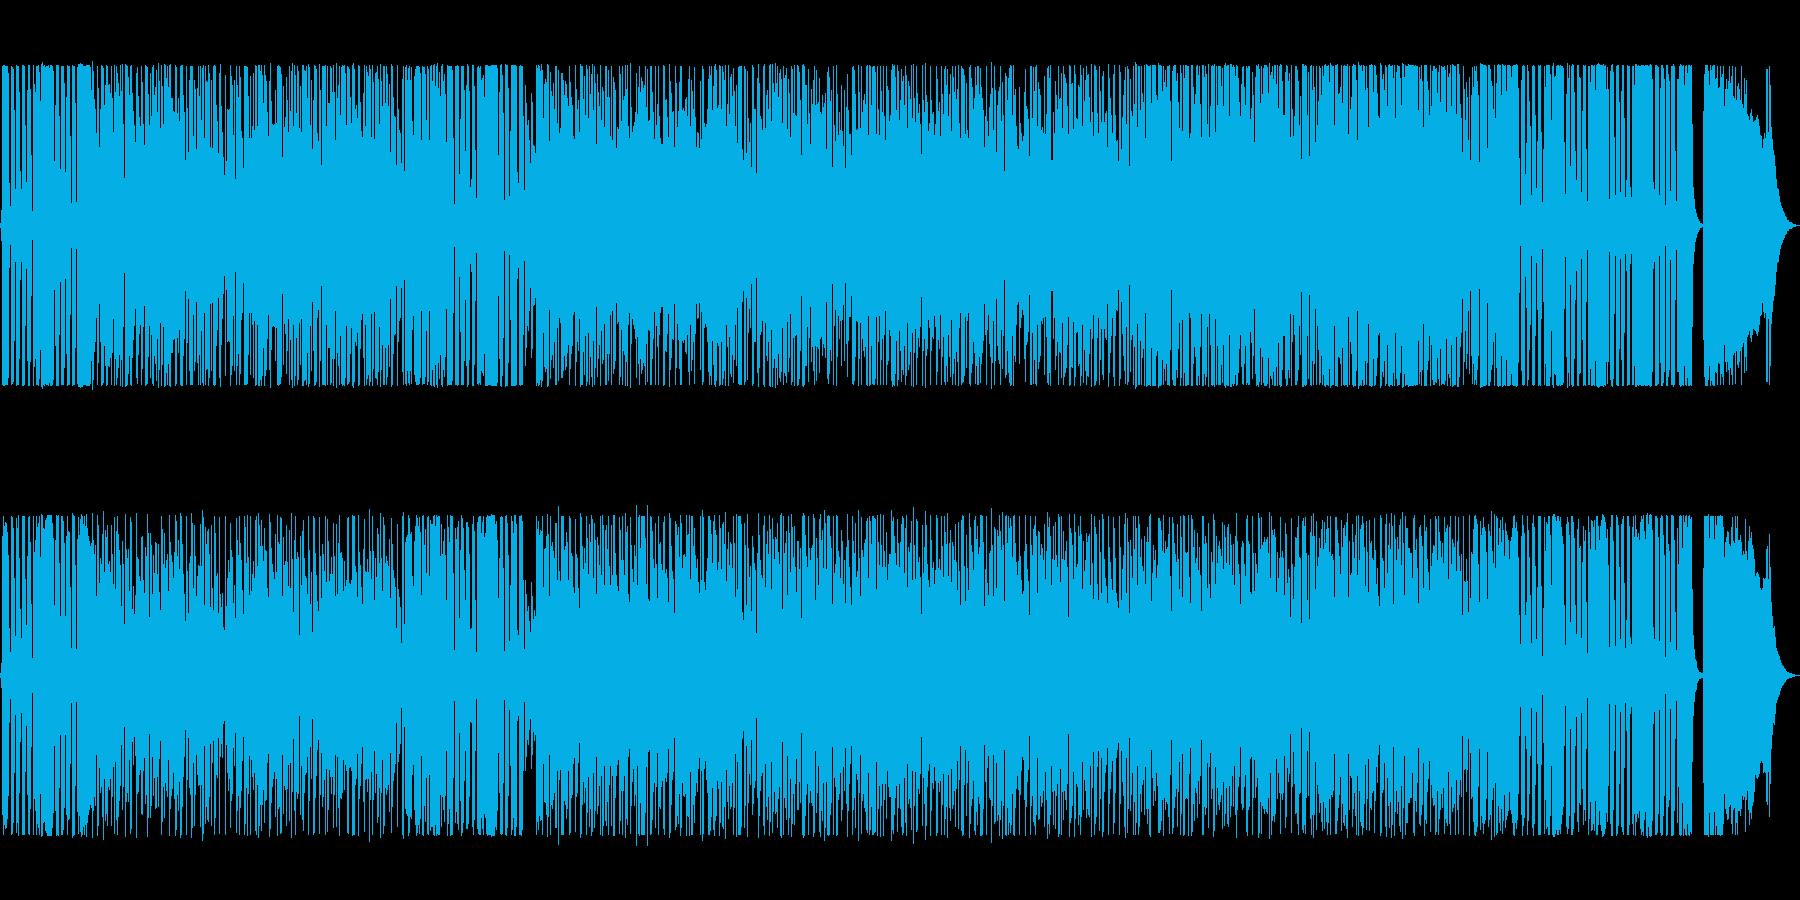 アコギが奏でる大人のサウンドの再生済みの波形